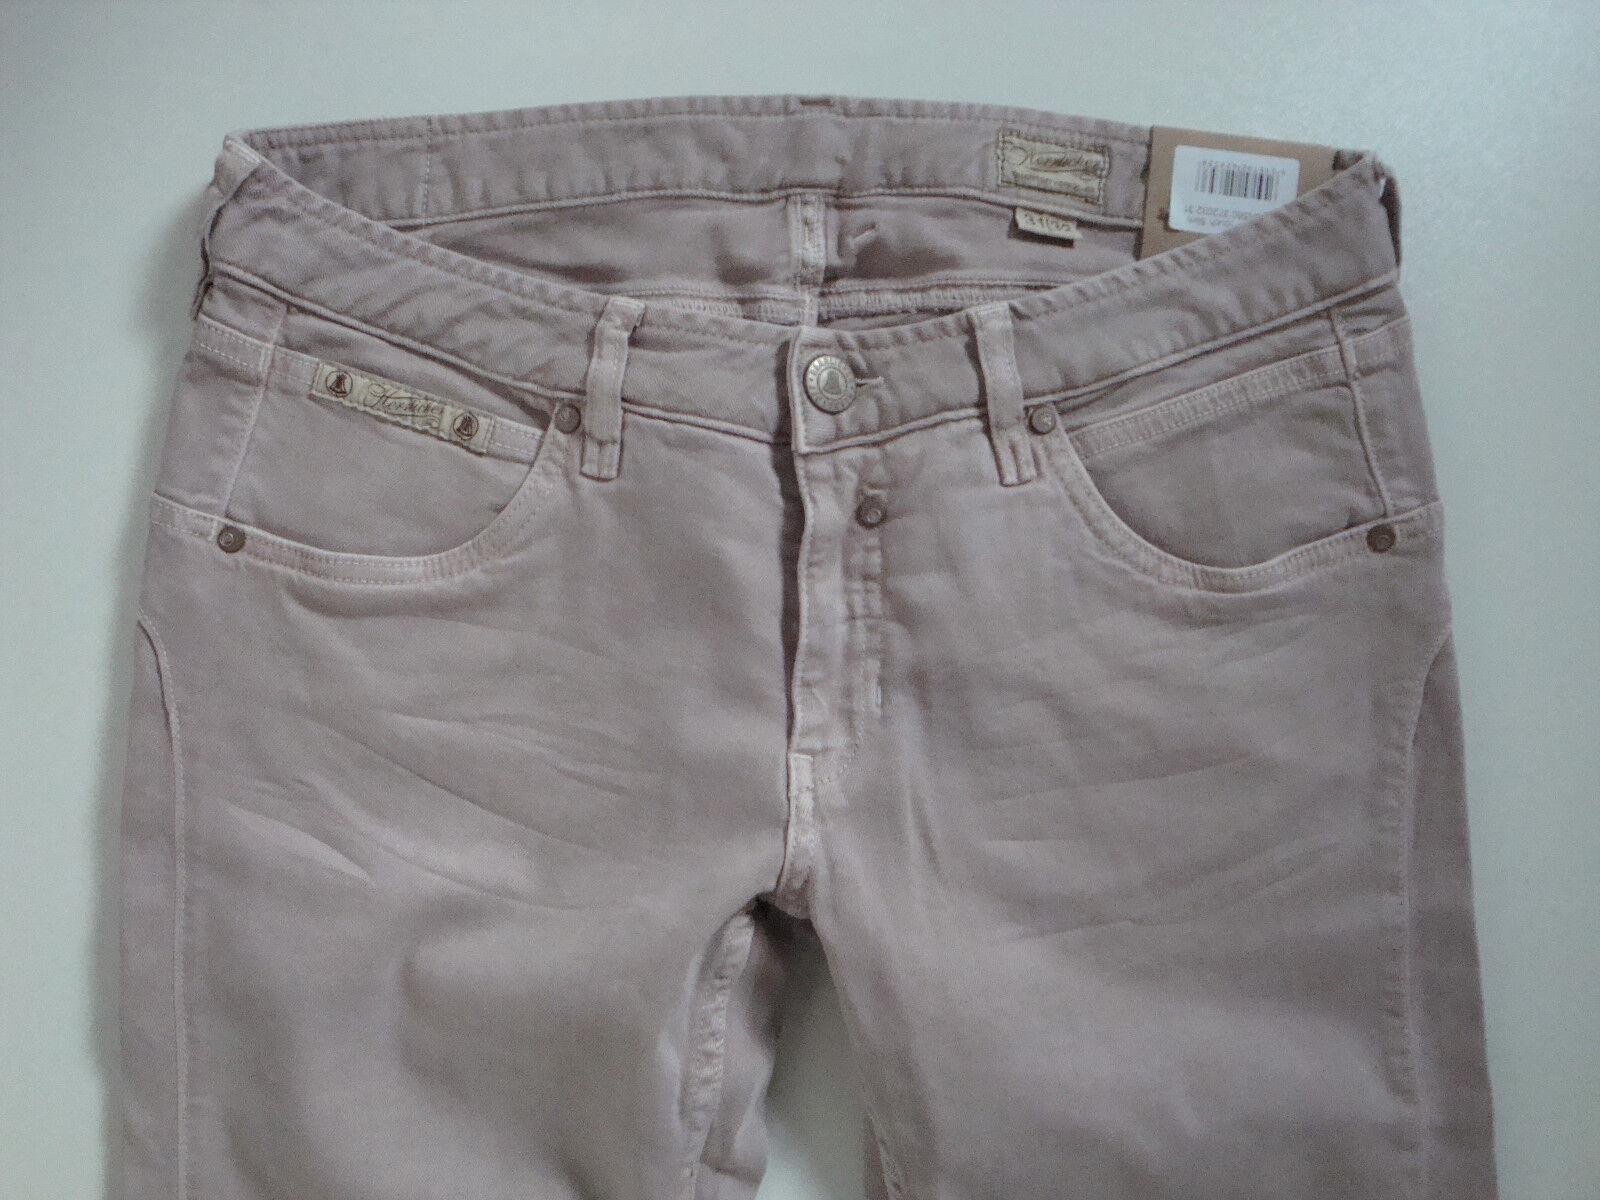 HERRLICHER  Jeans  TOUCH  SLIM  mave  Stretch  W28, W29, W31, W32  Länge 32  Neu